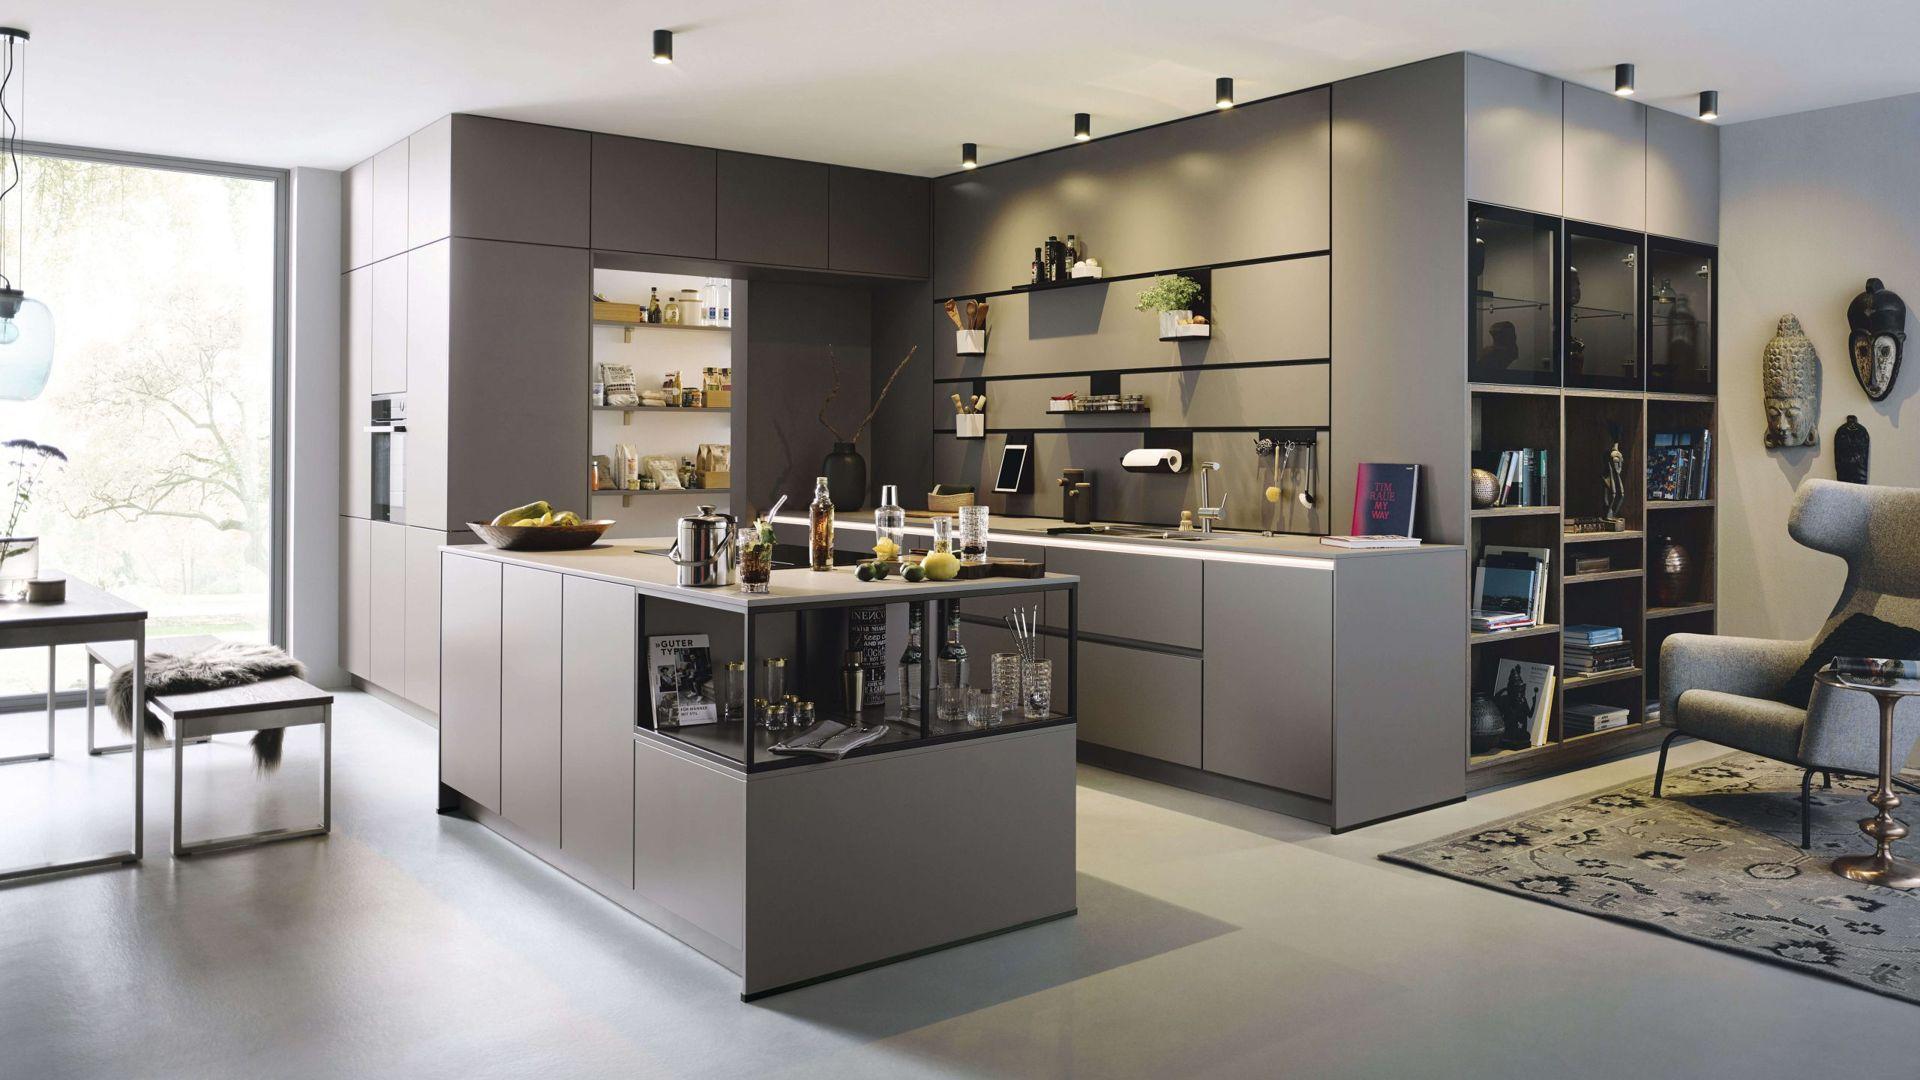 neola Küche beim Miele Center Pellet in Wien